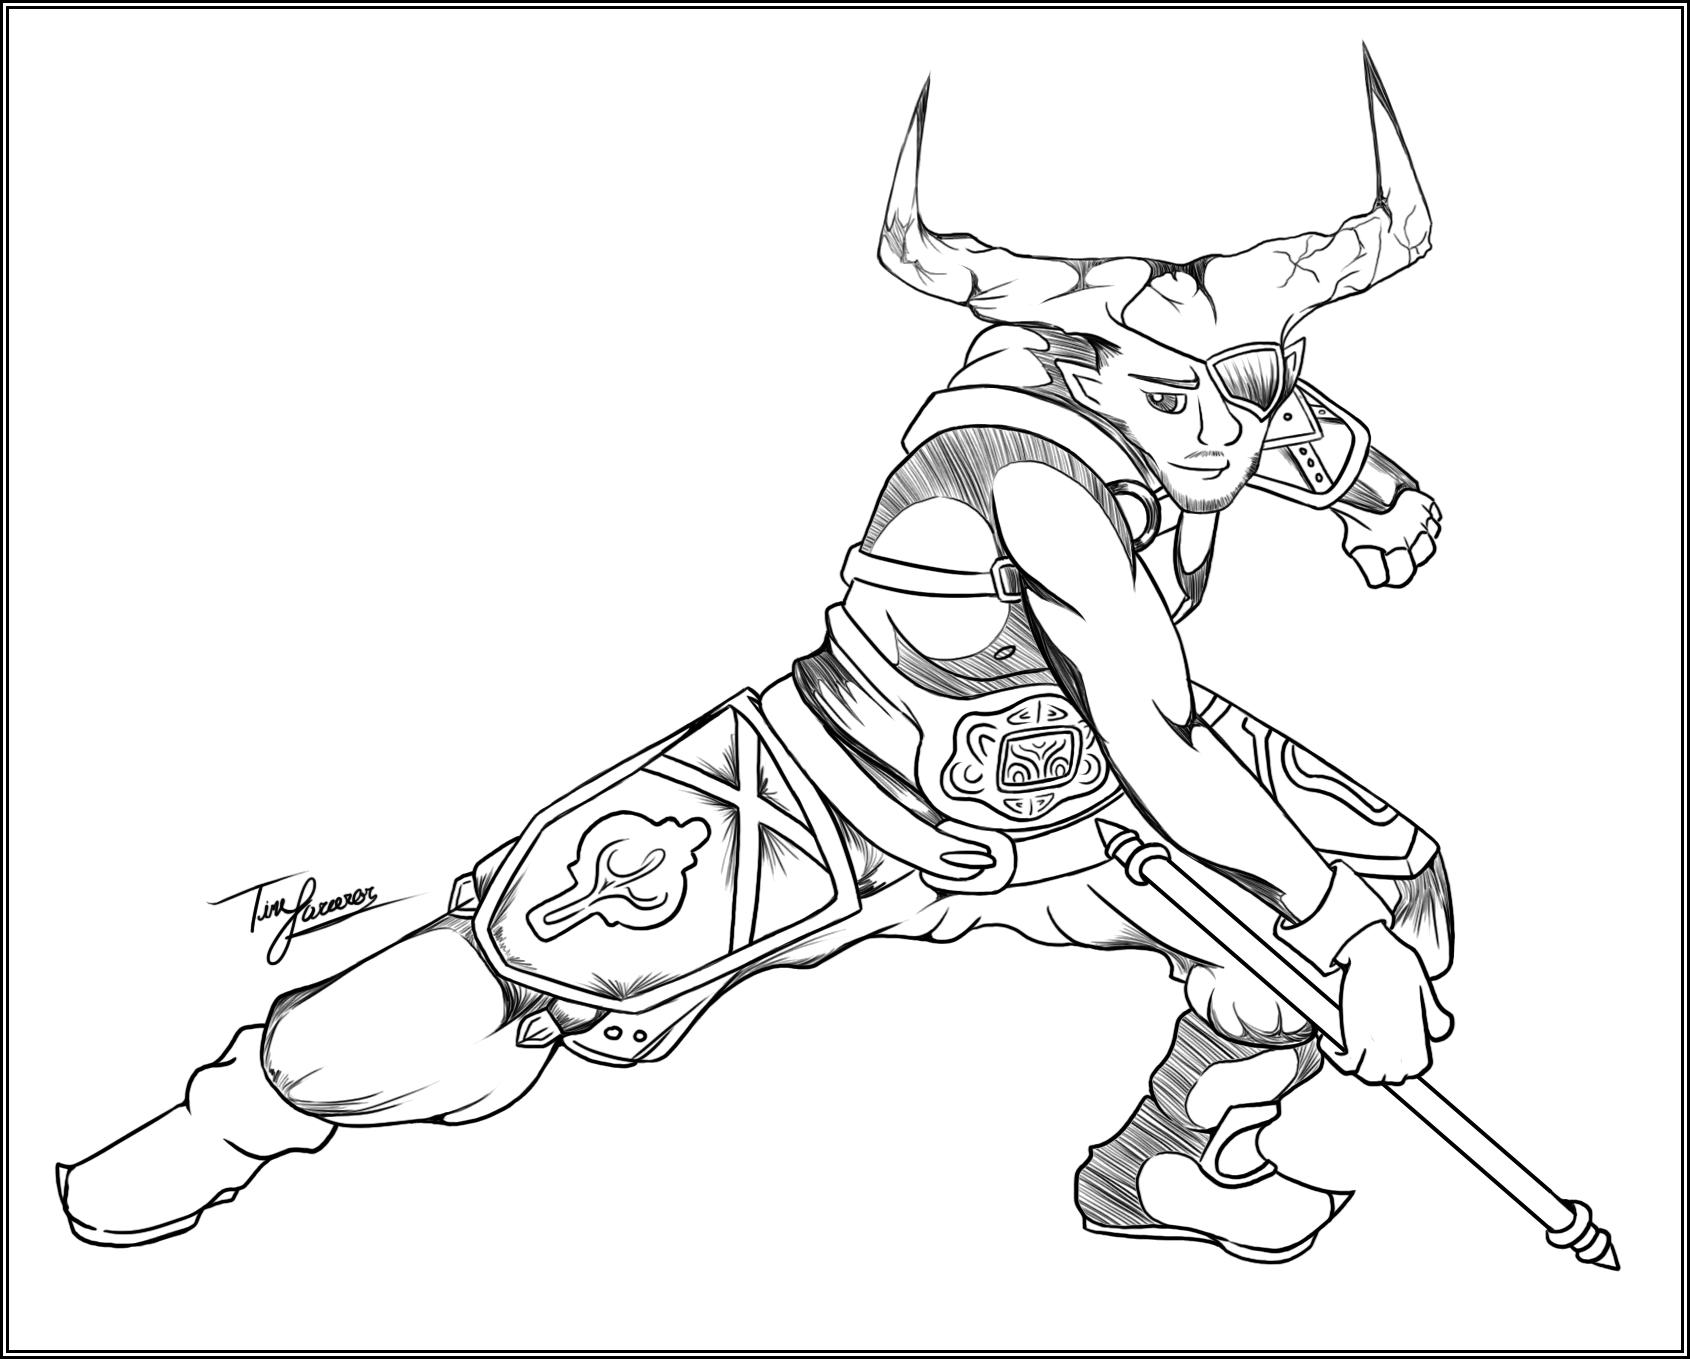 Day 30: Sten, Arishok, or The Iron Bull